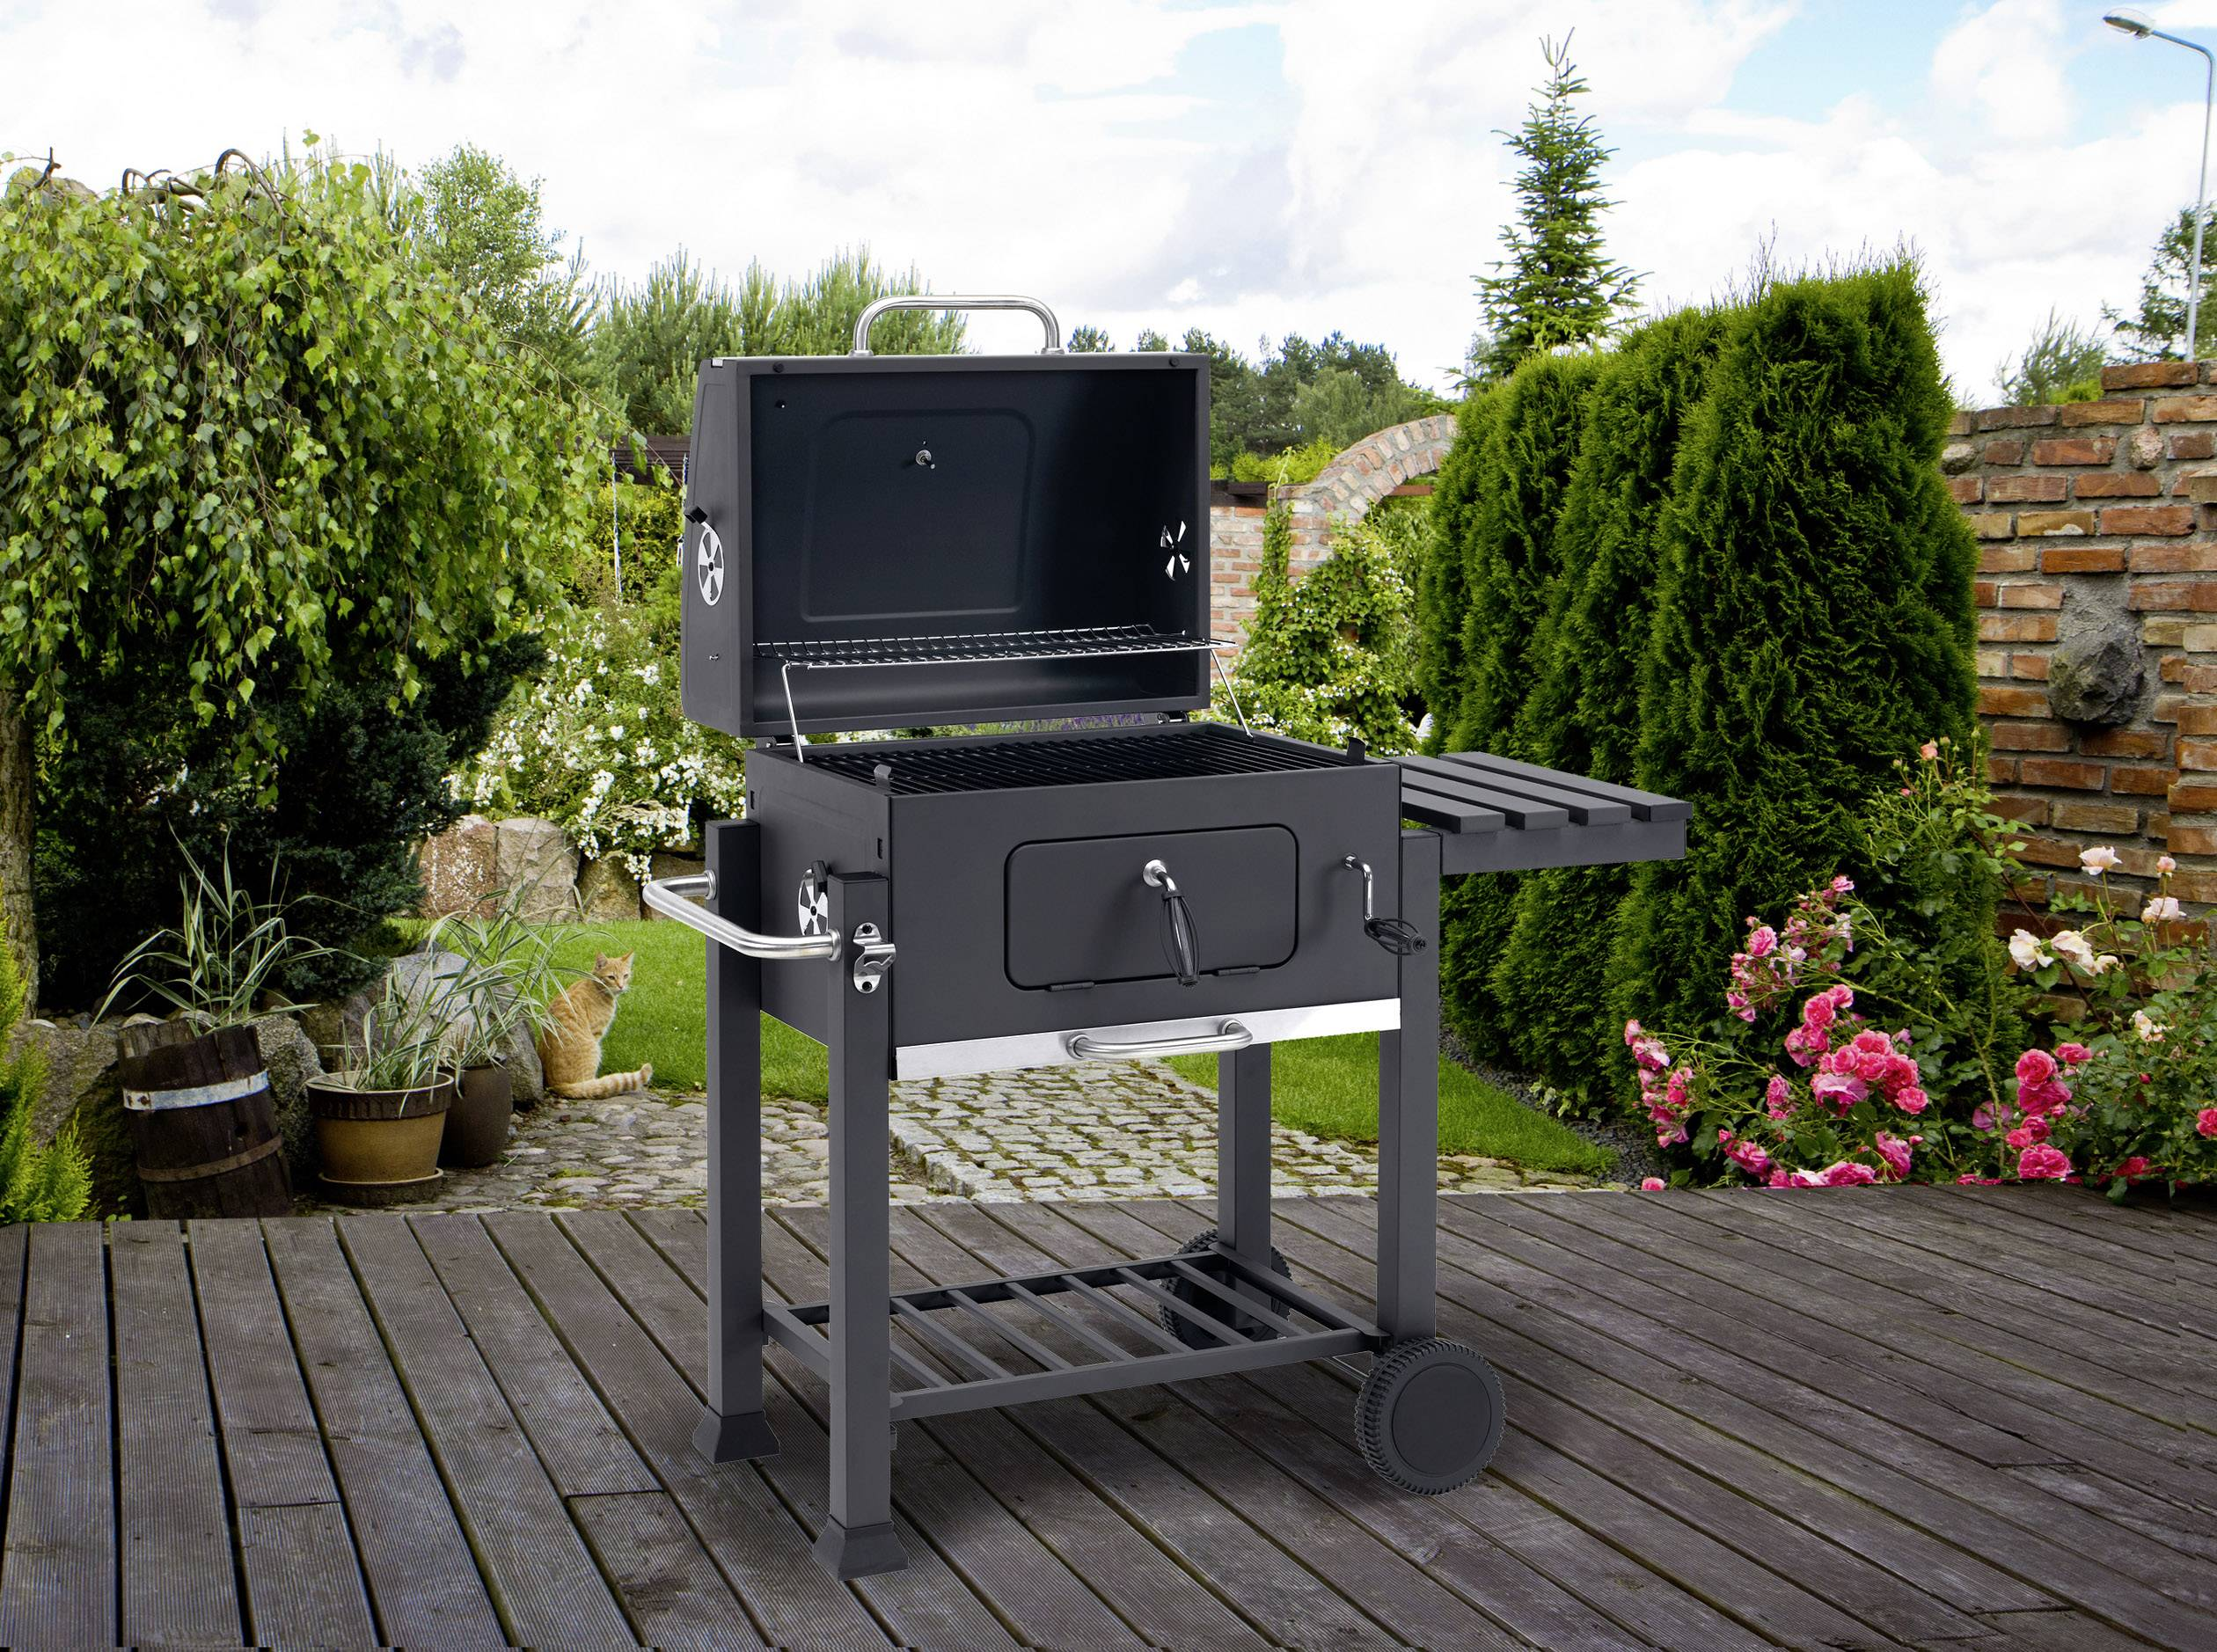 Tepro Holzkohlegrill Toronto Click 1161 : Tepro garten toronto click grillwagen holzkohle grill thermometer